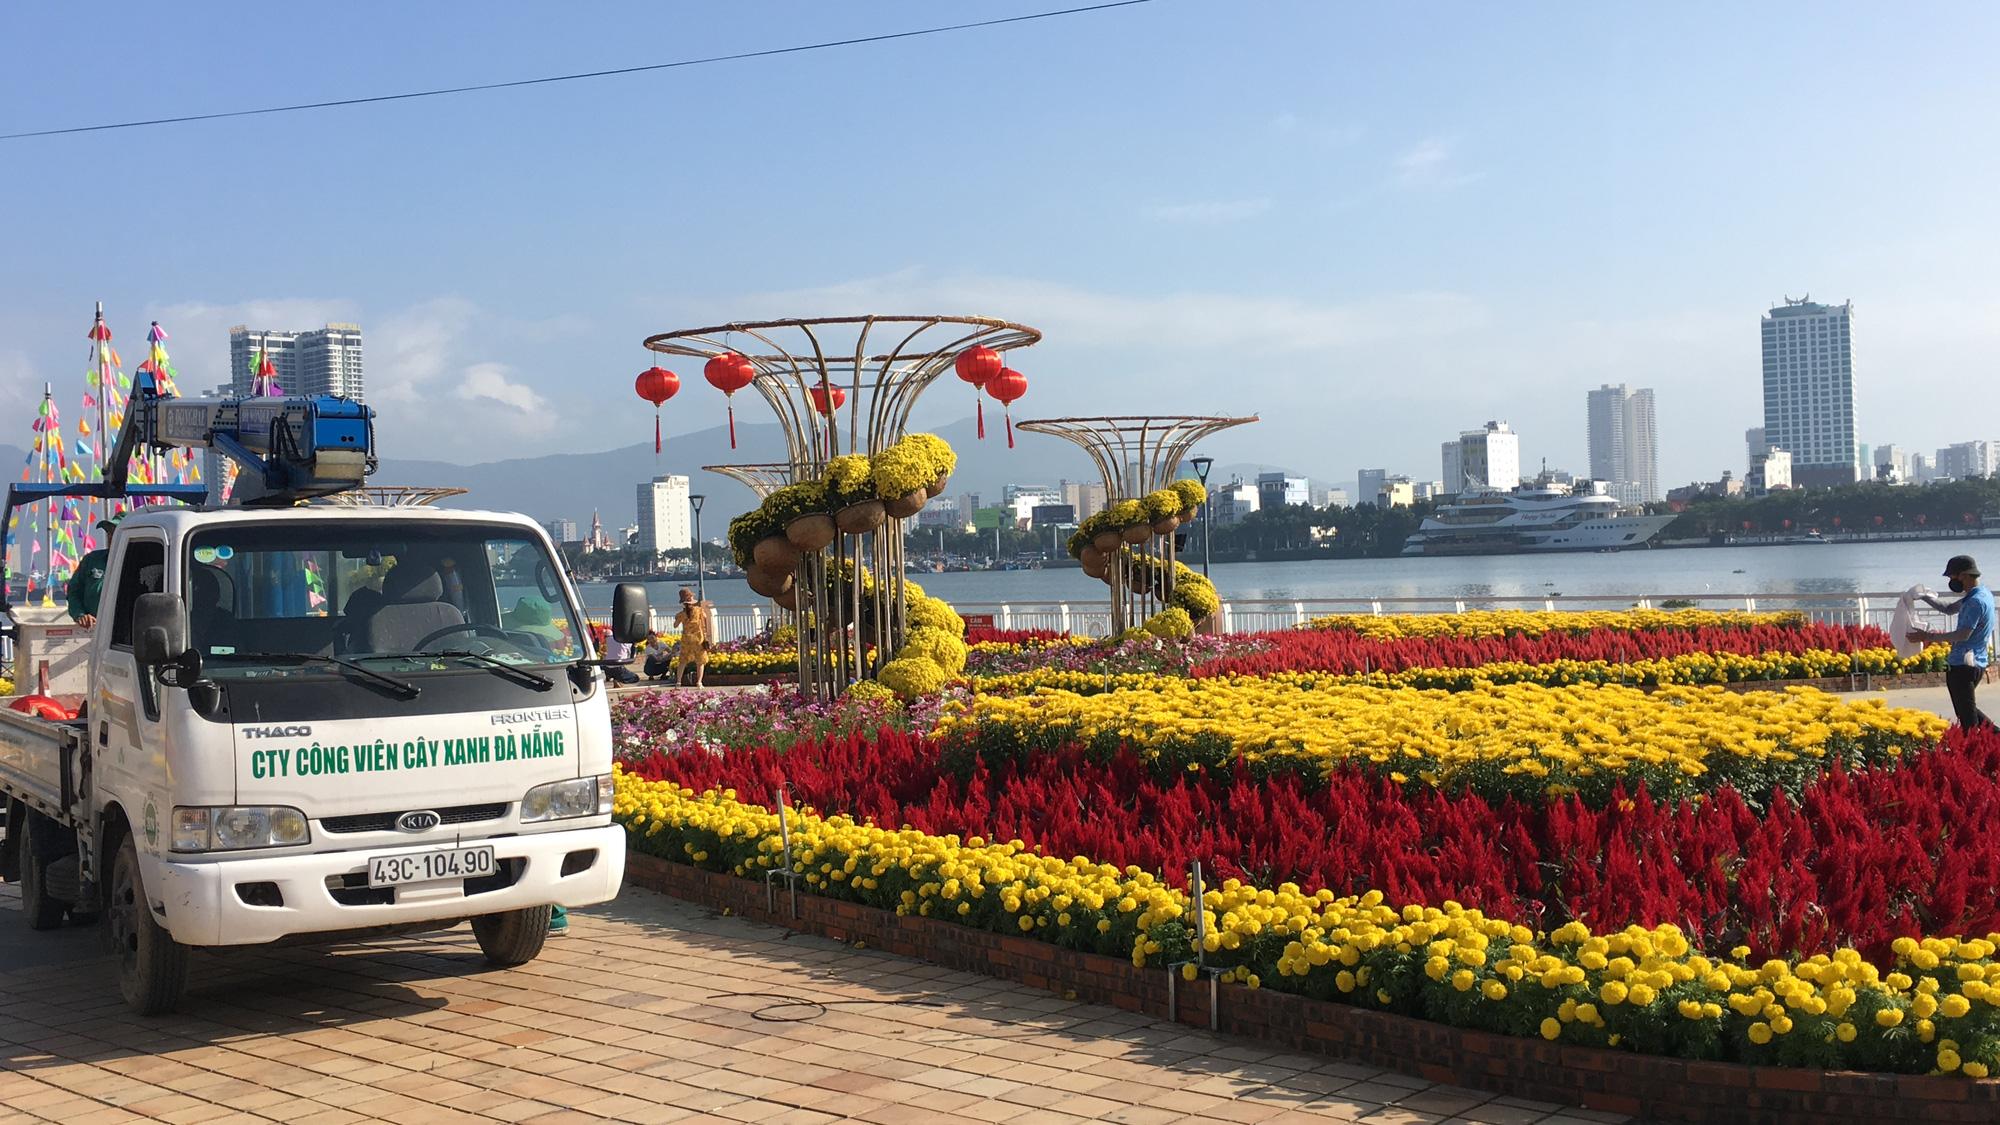 Hối hả thi công đường hoa Đà Nẵng để người dân tham quan, chơi Tết Canh Tý 2020 - Ảnh 4.